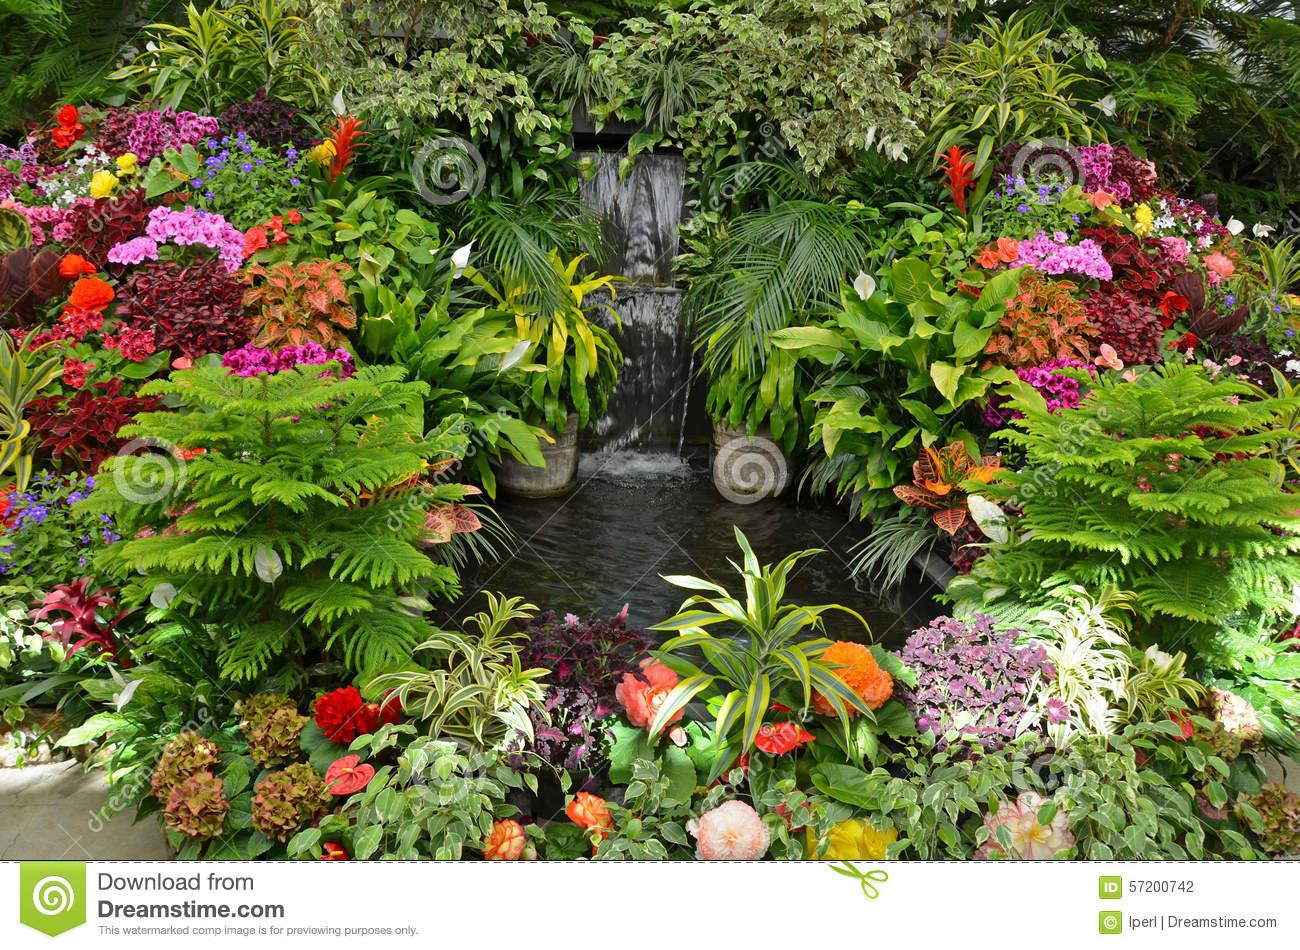 Colorful Tropical Garden Stock Photo.